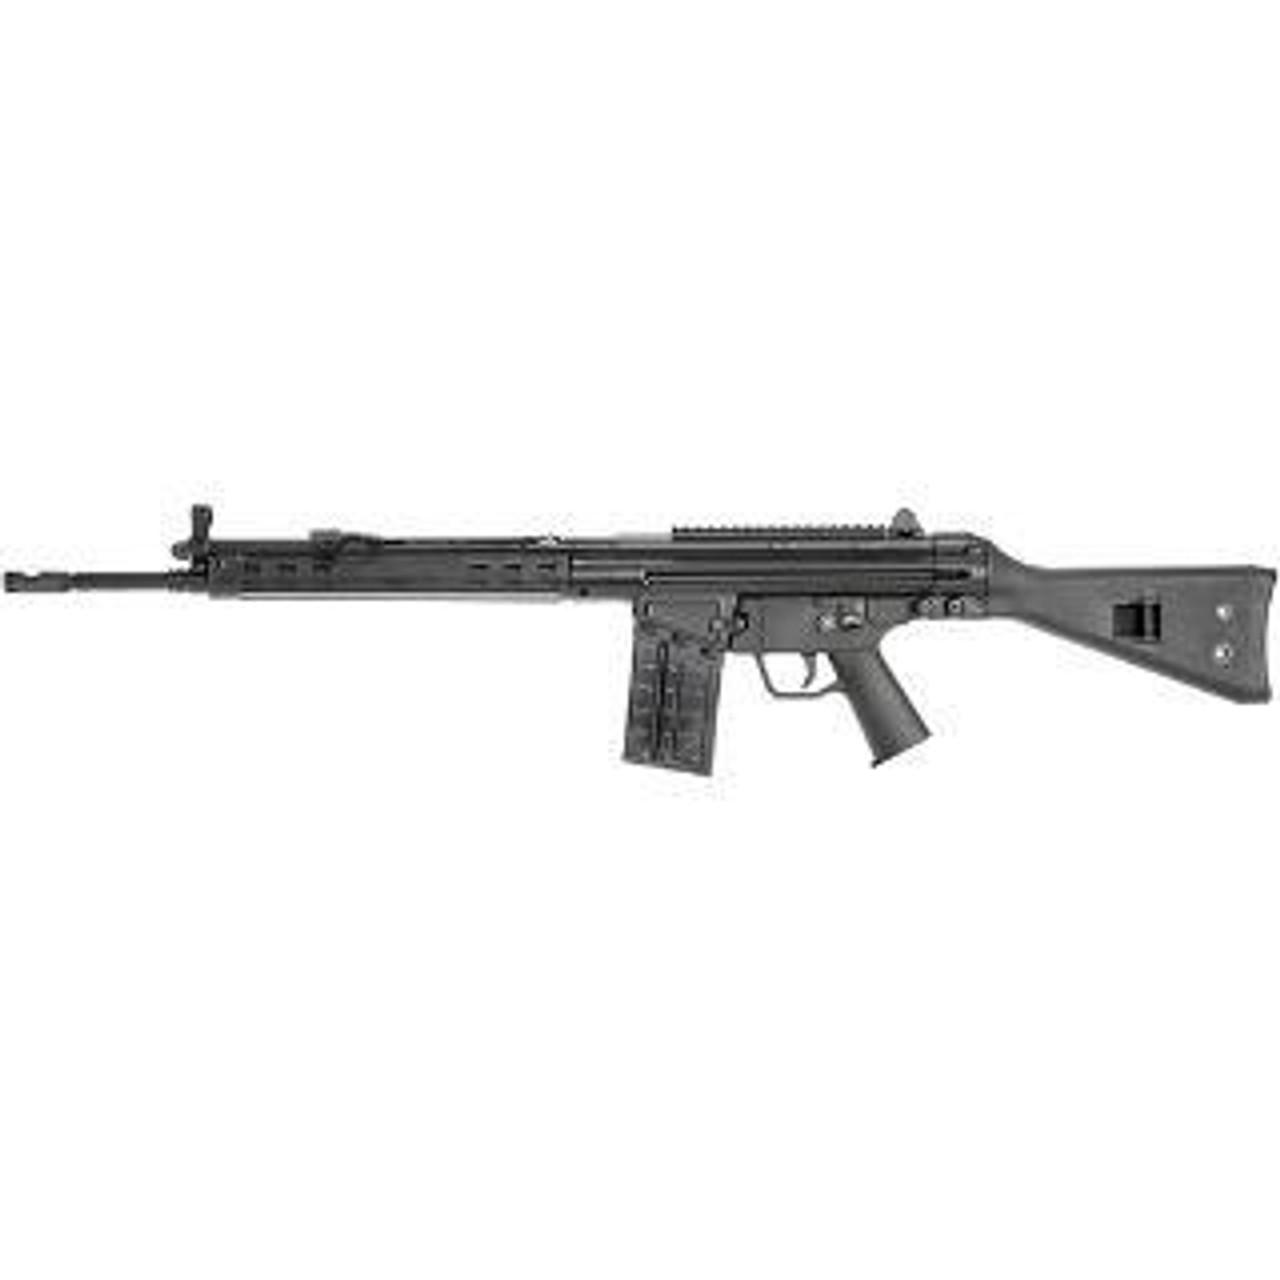 Century Arms C308 California Legal .308